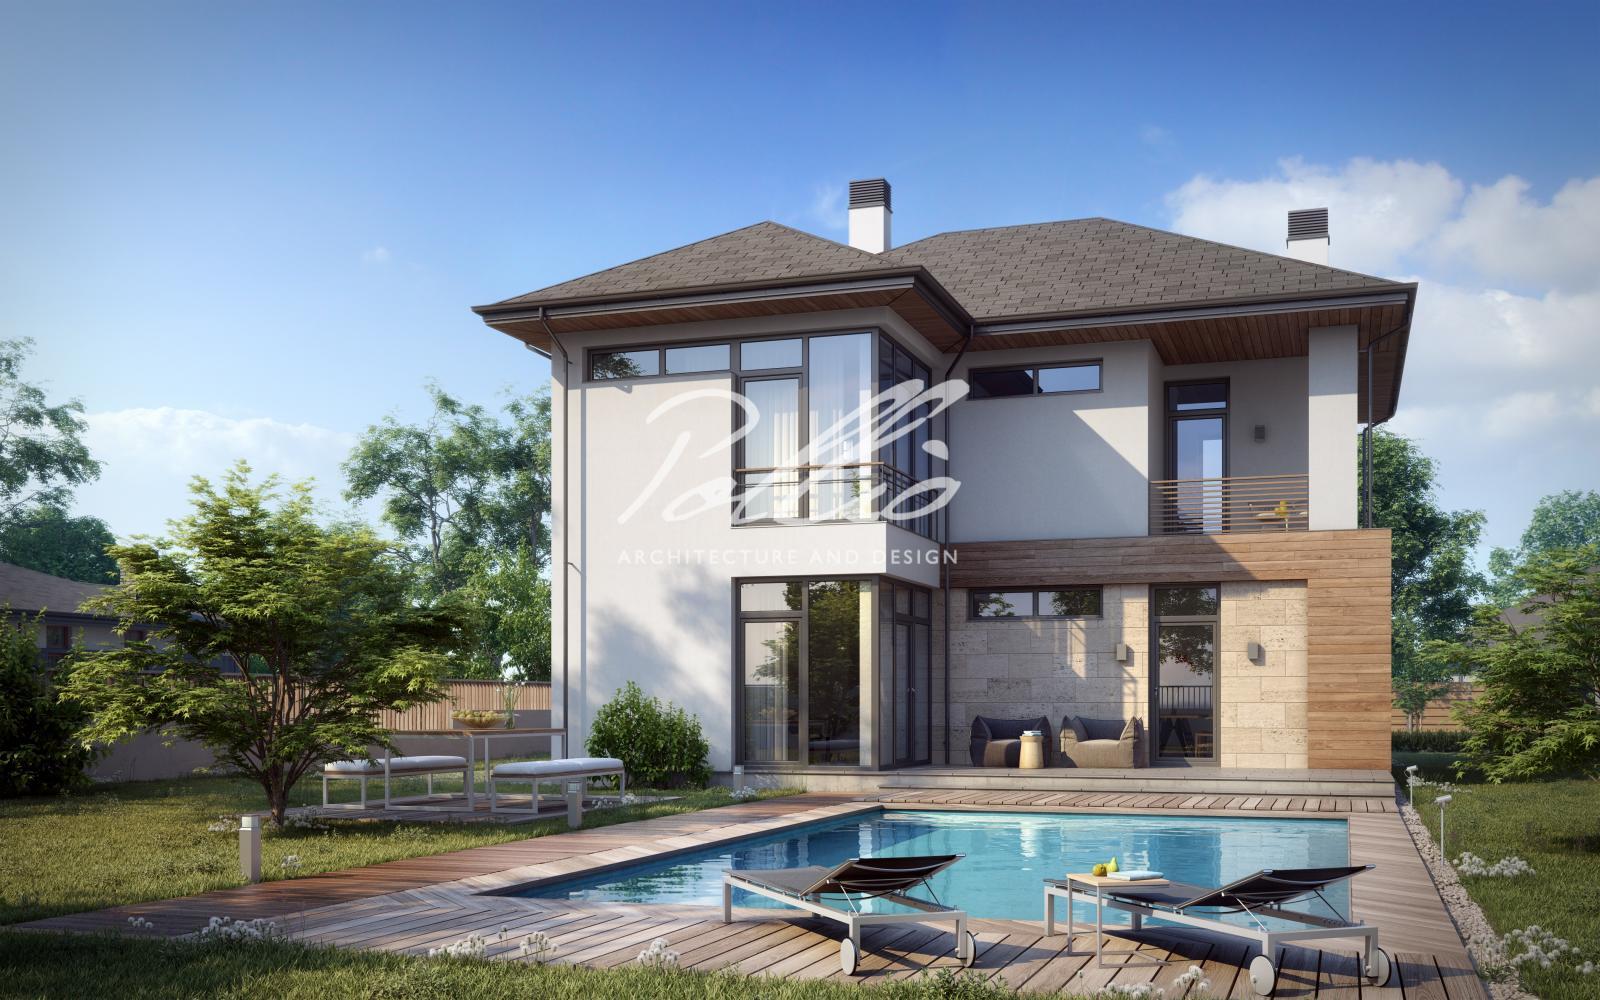 X18 Классический проект двухэтажного дома фото 3